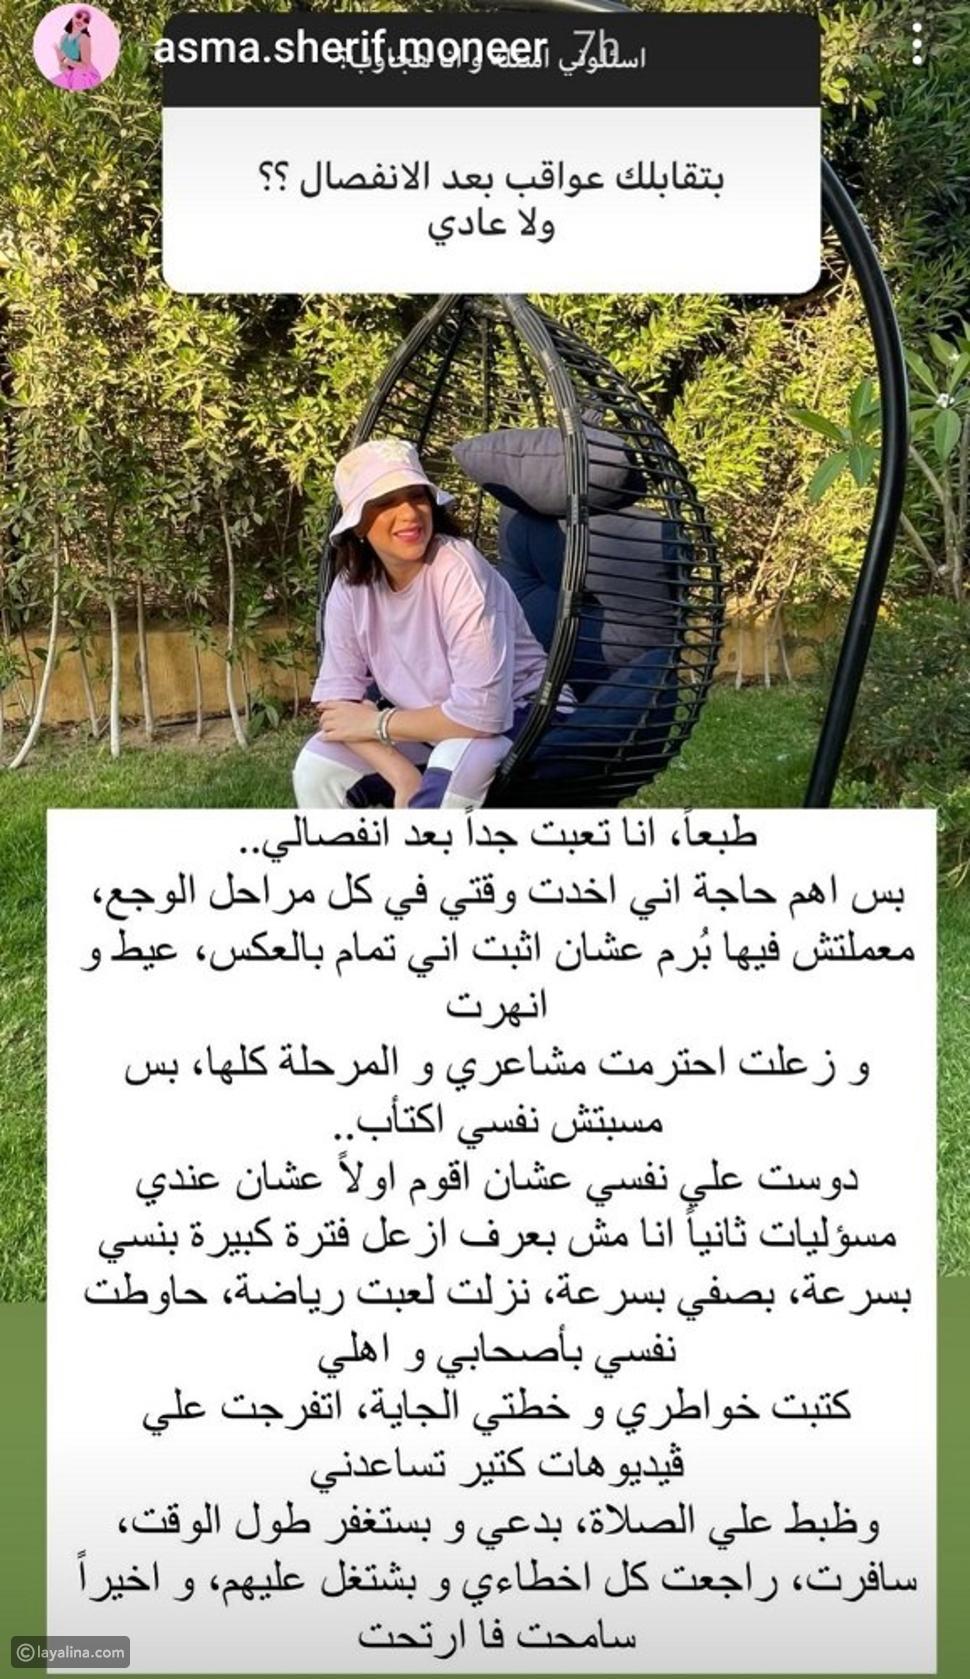 أسما شريف منير تتحدث عن تفاصيل طلاقها: انهرت من البكاء